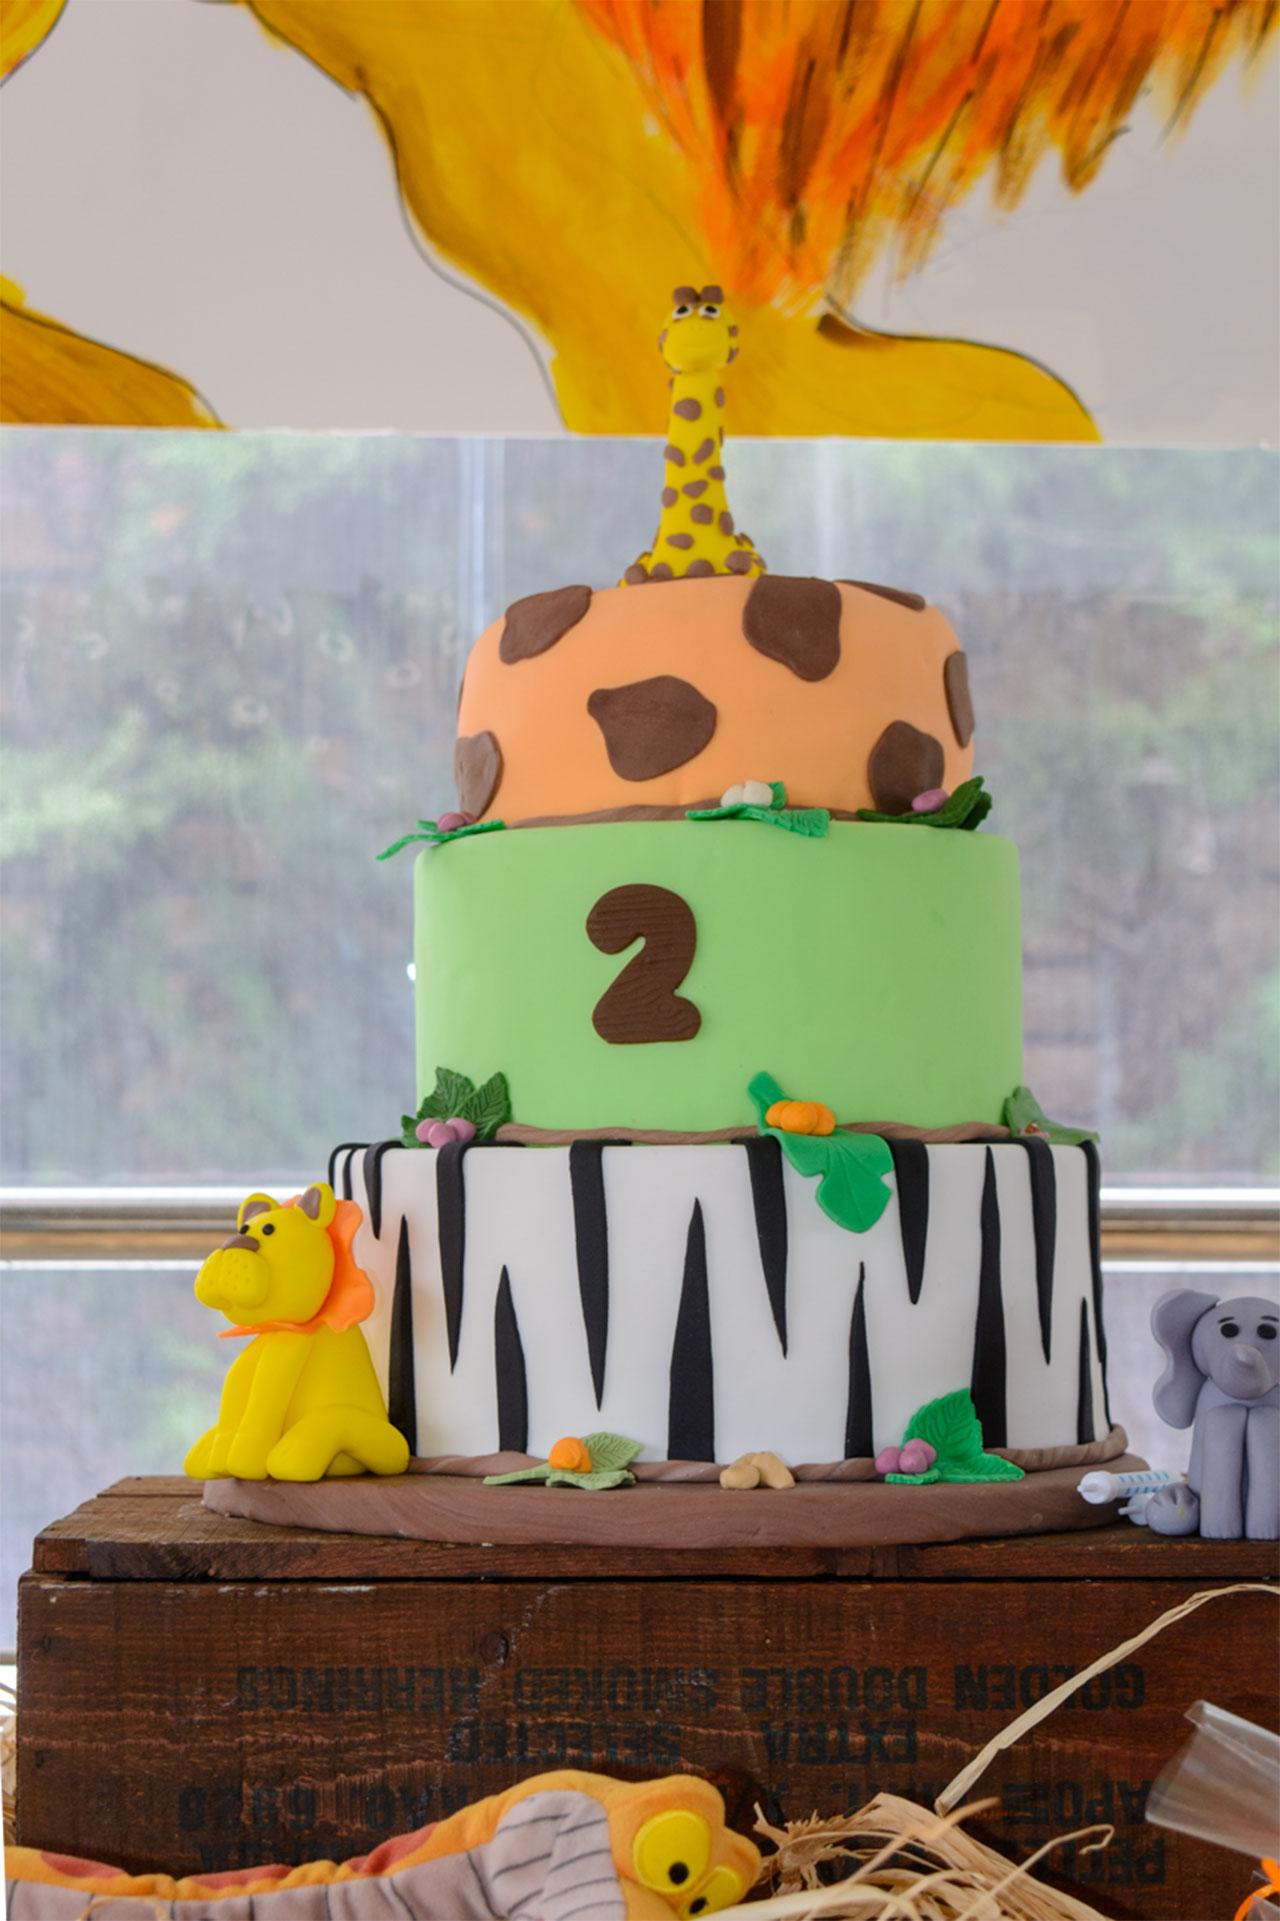 τούρτα γενεθλίων με τρία επίπεδα και θέμα τα ζώα της σαβάνας